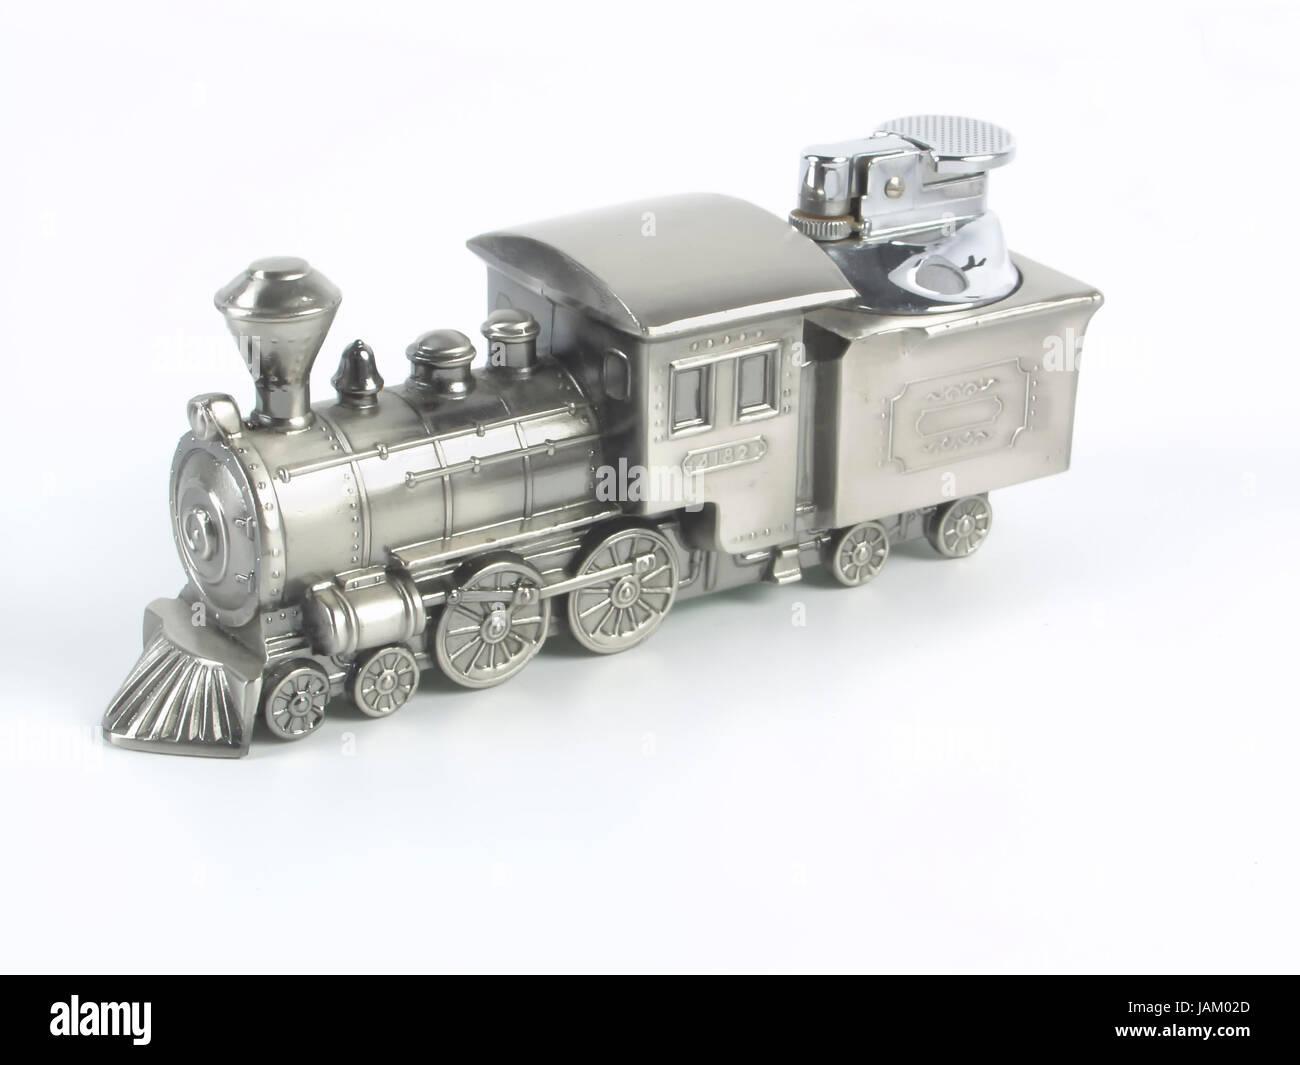 Altmodisches Tischfeuerzeug in Form einer Dampflokomotive vor weißem Hintergrund - Stock Image